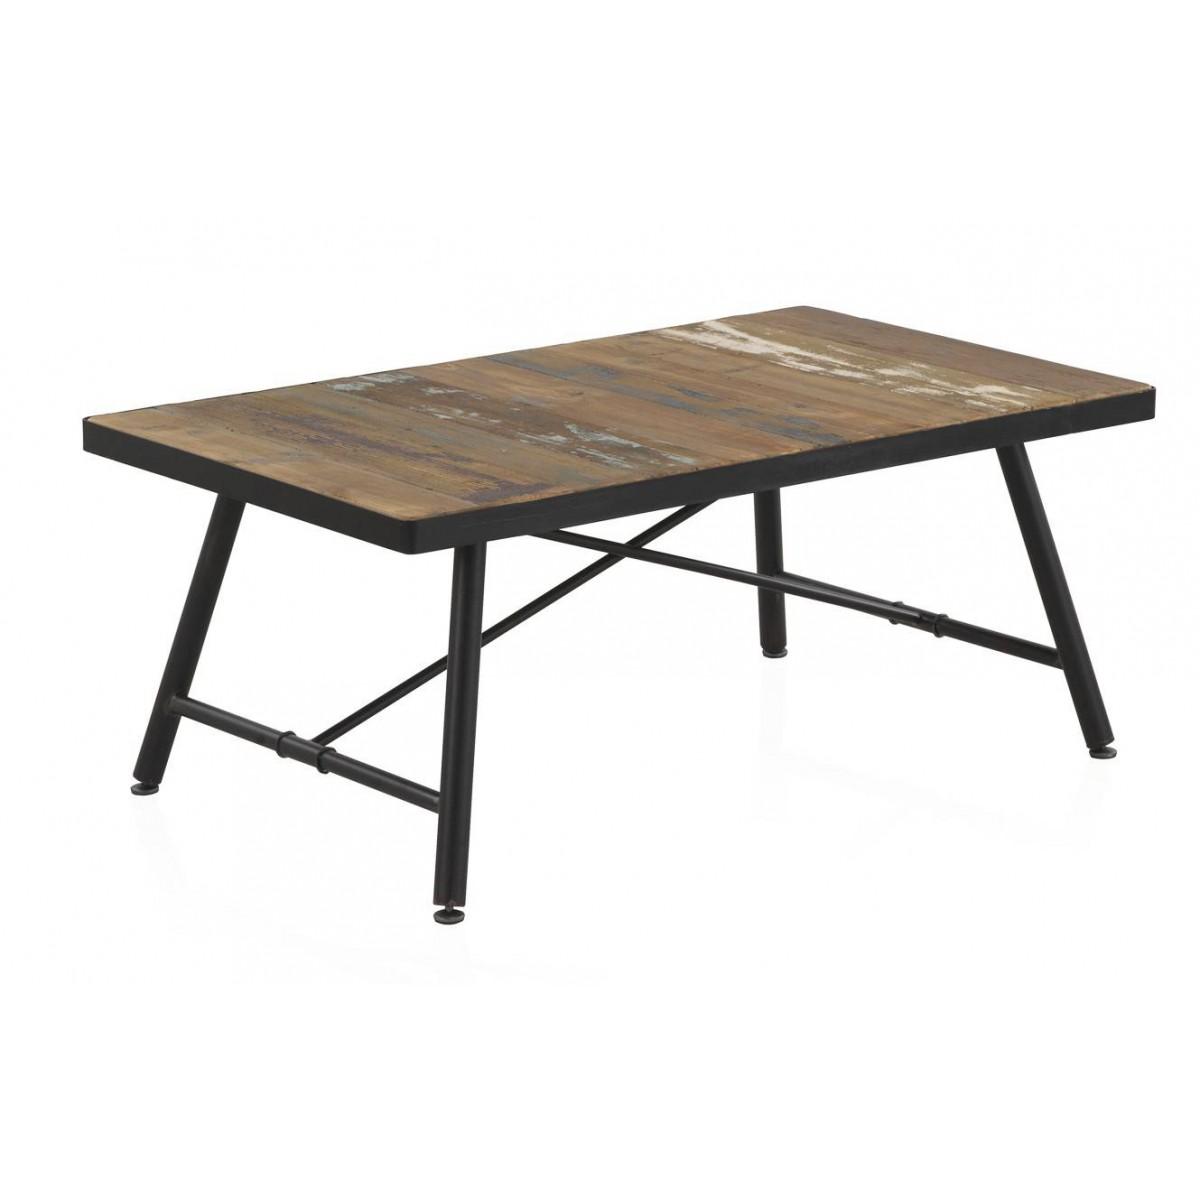 Mesa de centro screw madera y metal negro industrial for Mesa industrial de madera y metal